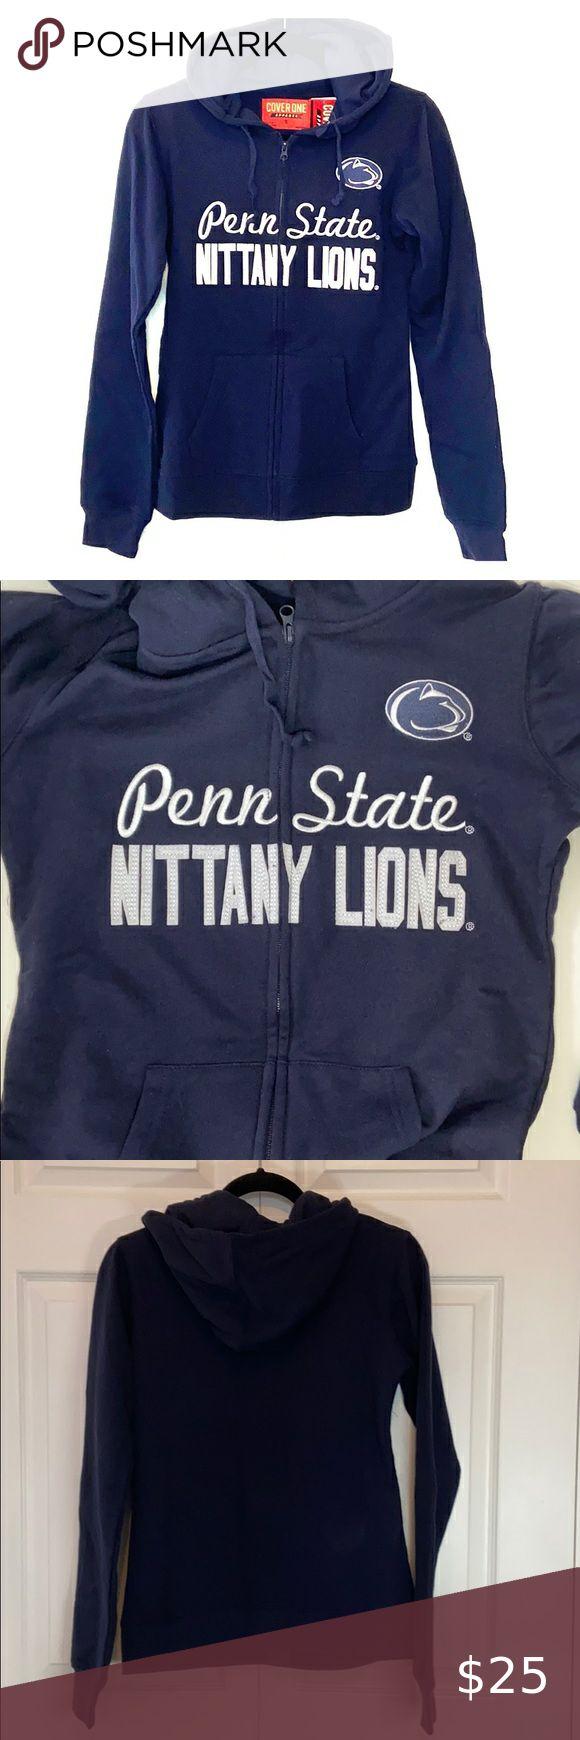 Penn State Nittany Lions Zip Hoodie Sweatshirt In 2020 Sweatshirts Hoodie Zip Hoodie Sweatshirt Zip Hoodie [ 1740 x 580 Pixel ]